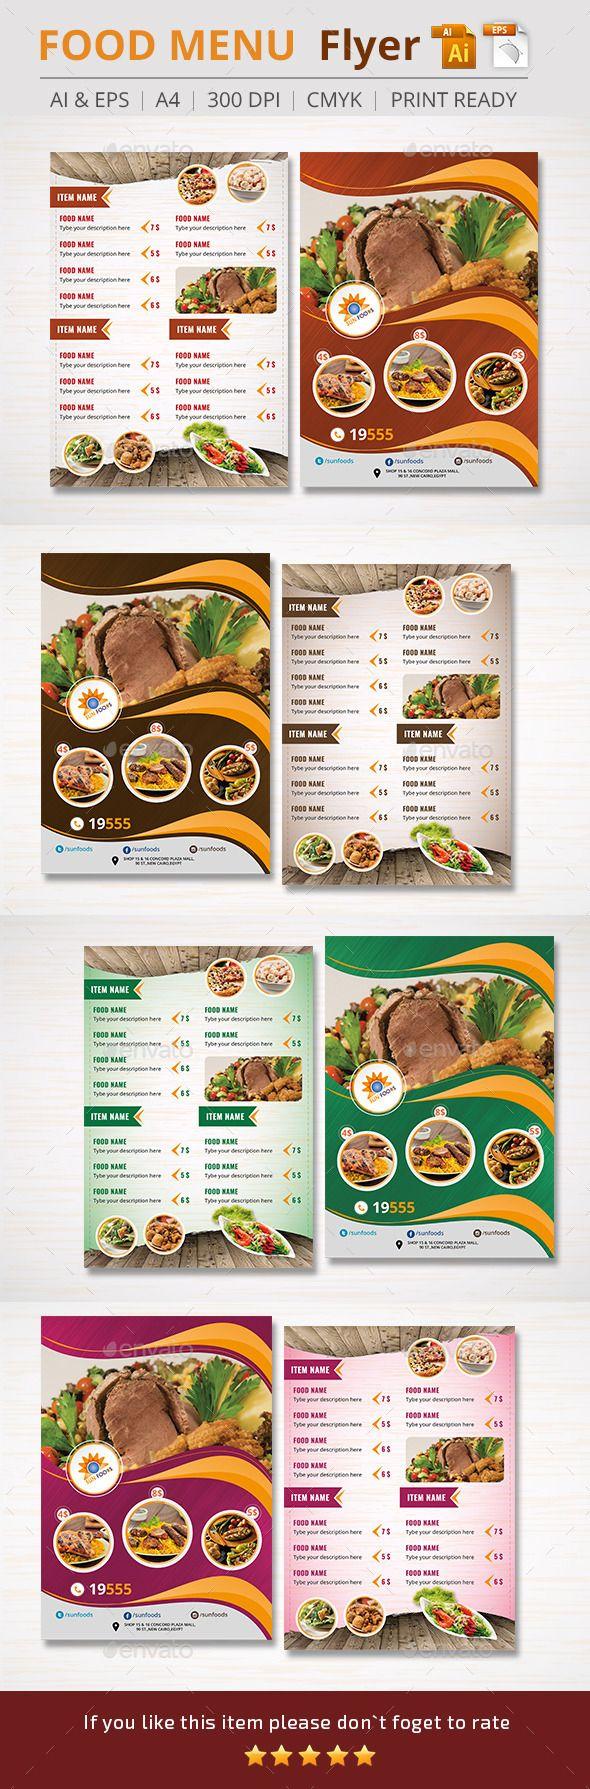 Food Menu Flyer Template Design Download HttpGraphicriverNet